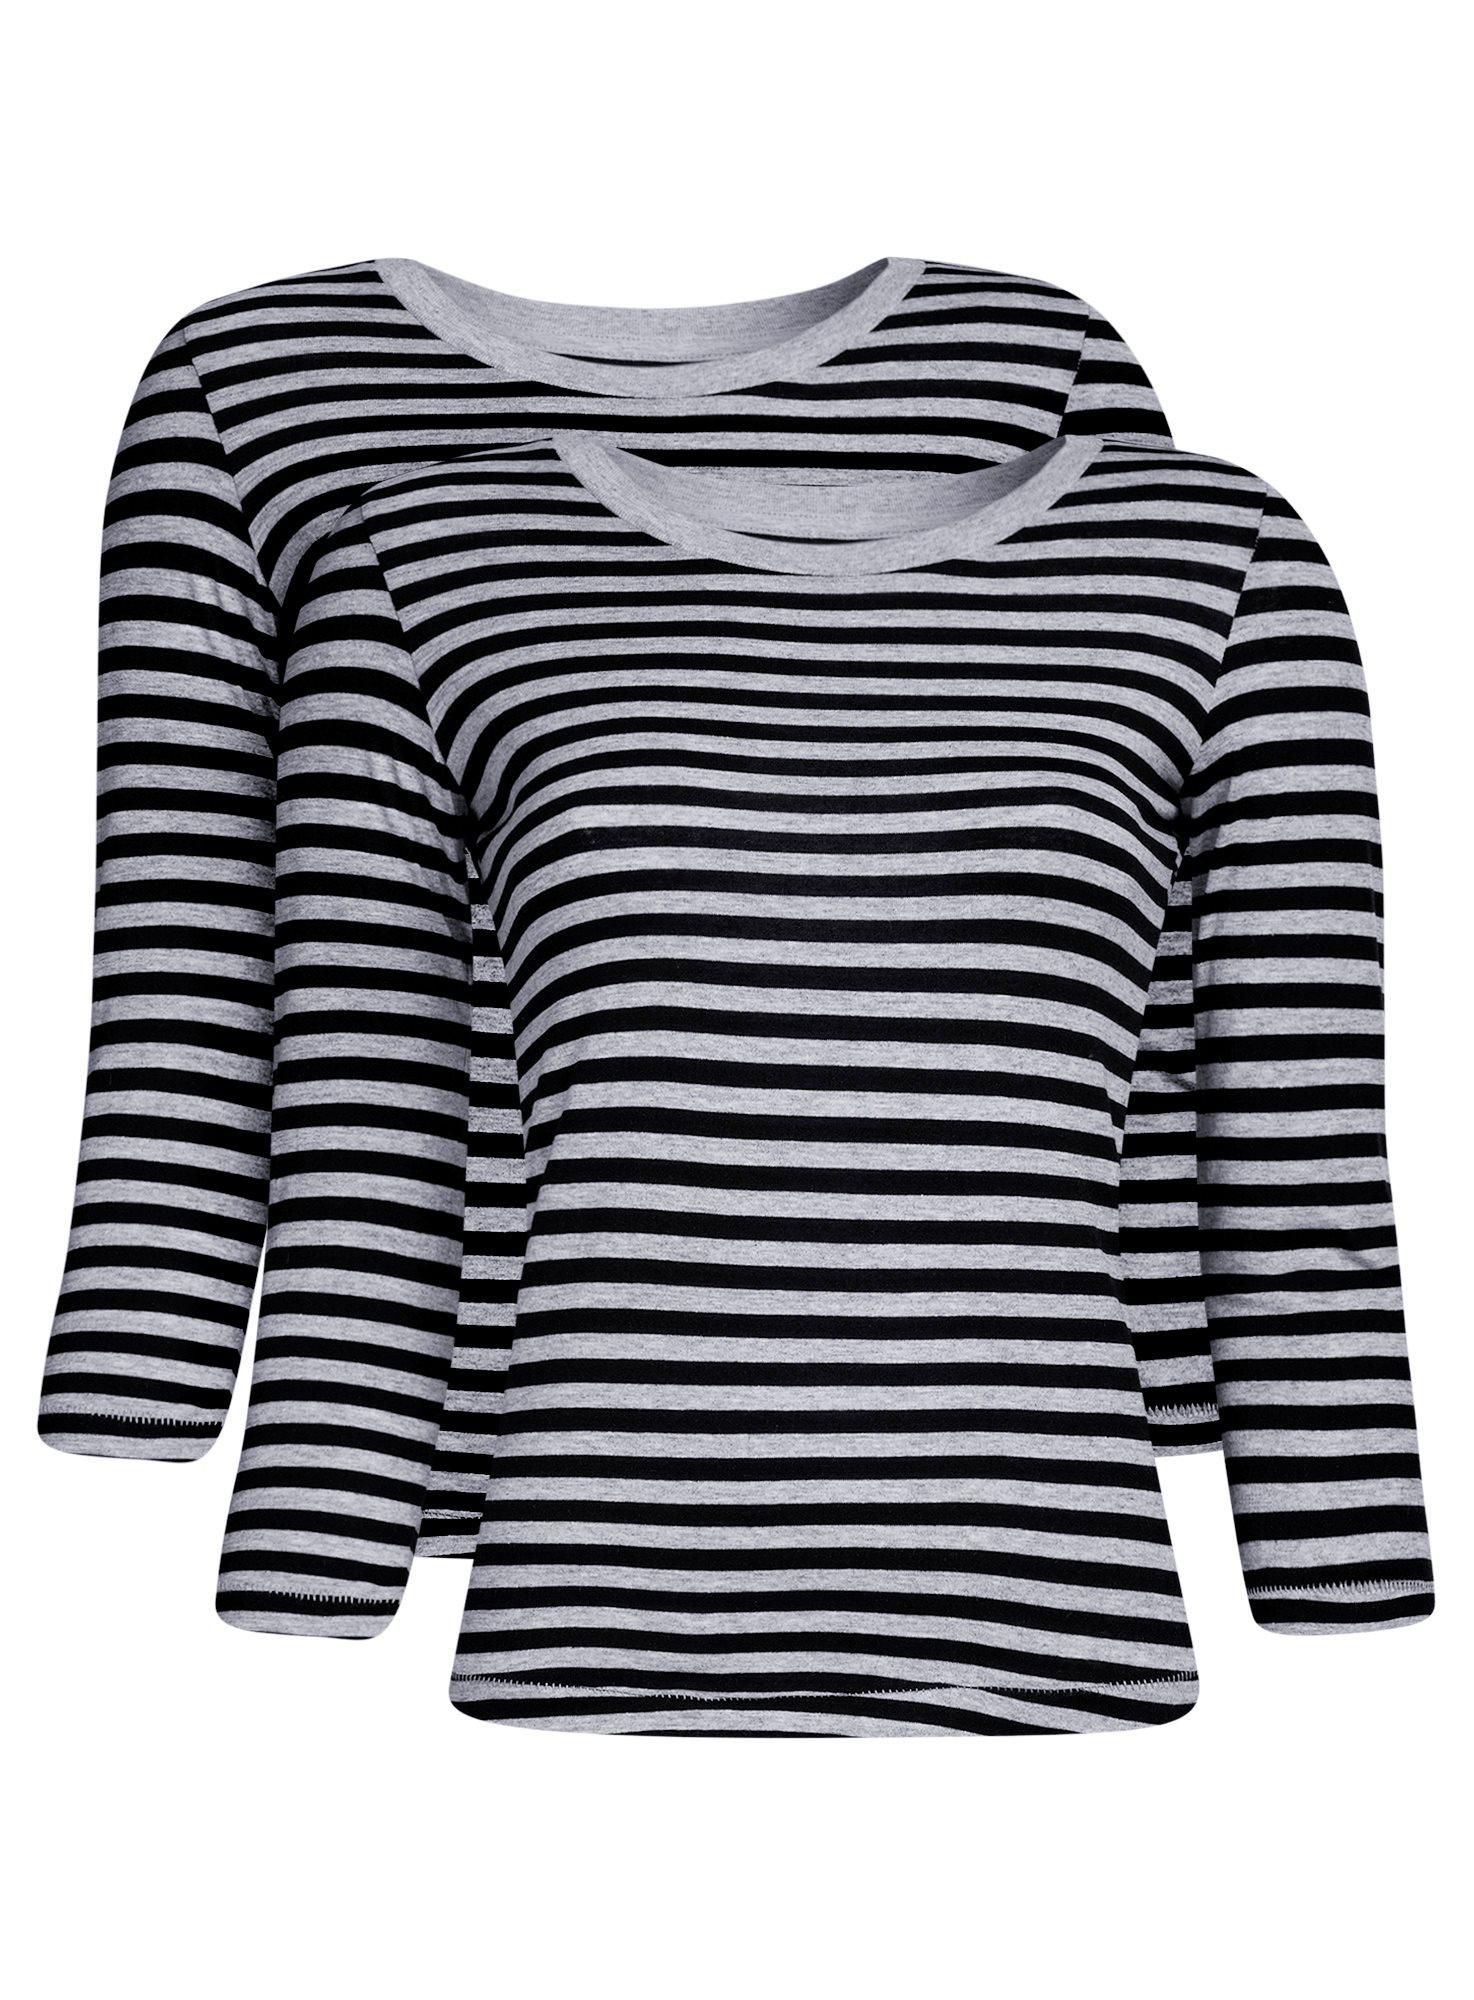 Комплект футболок с длинным рукавом (2 штуки) oodji для женщины (серый), 14201005T2/46158/2029S